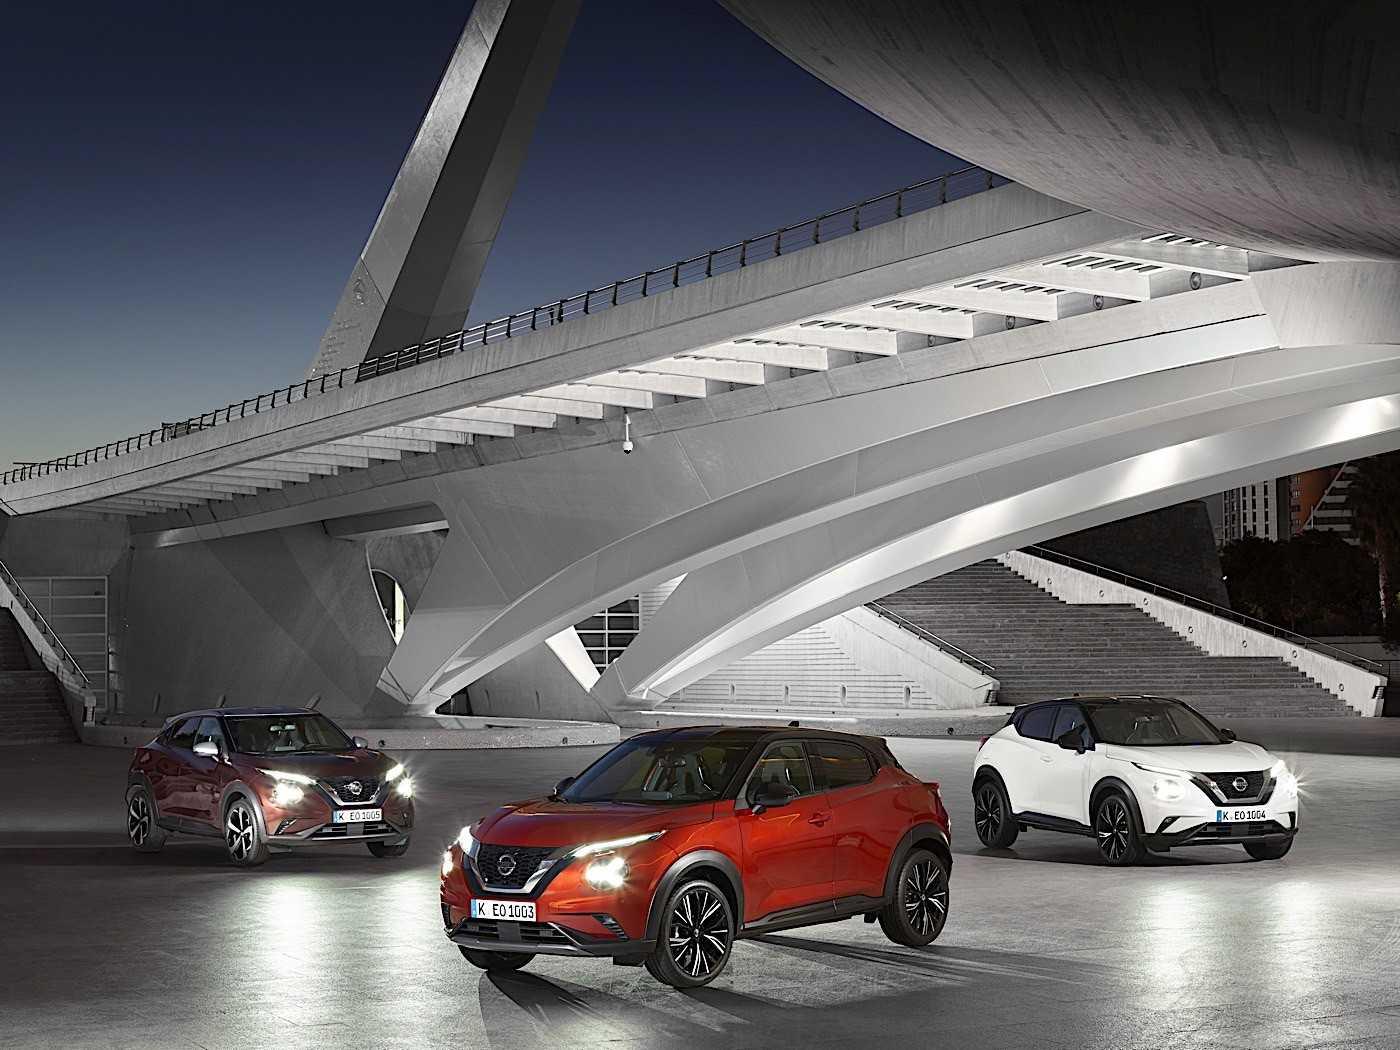 Ниссан мурано 2021 новый кузов, цены, комплектации, фото, видео тест-драйв